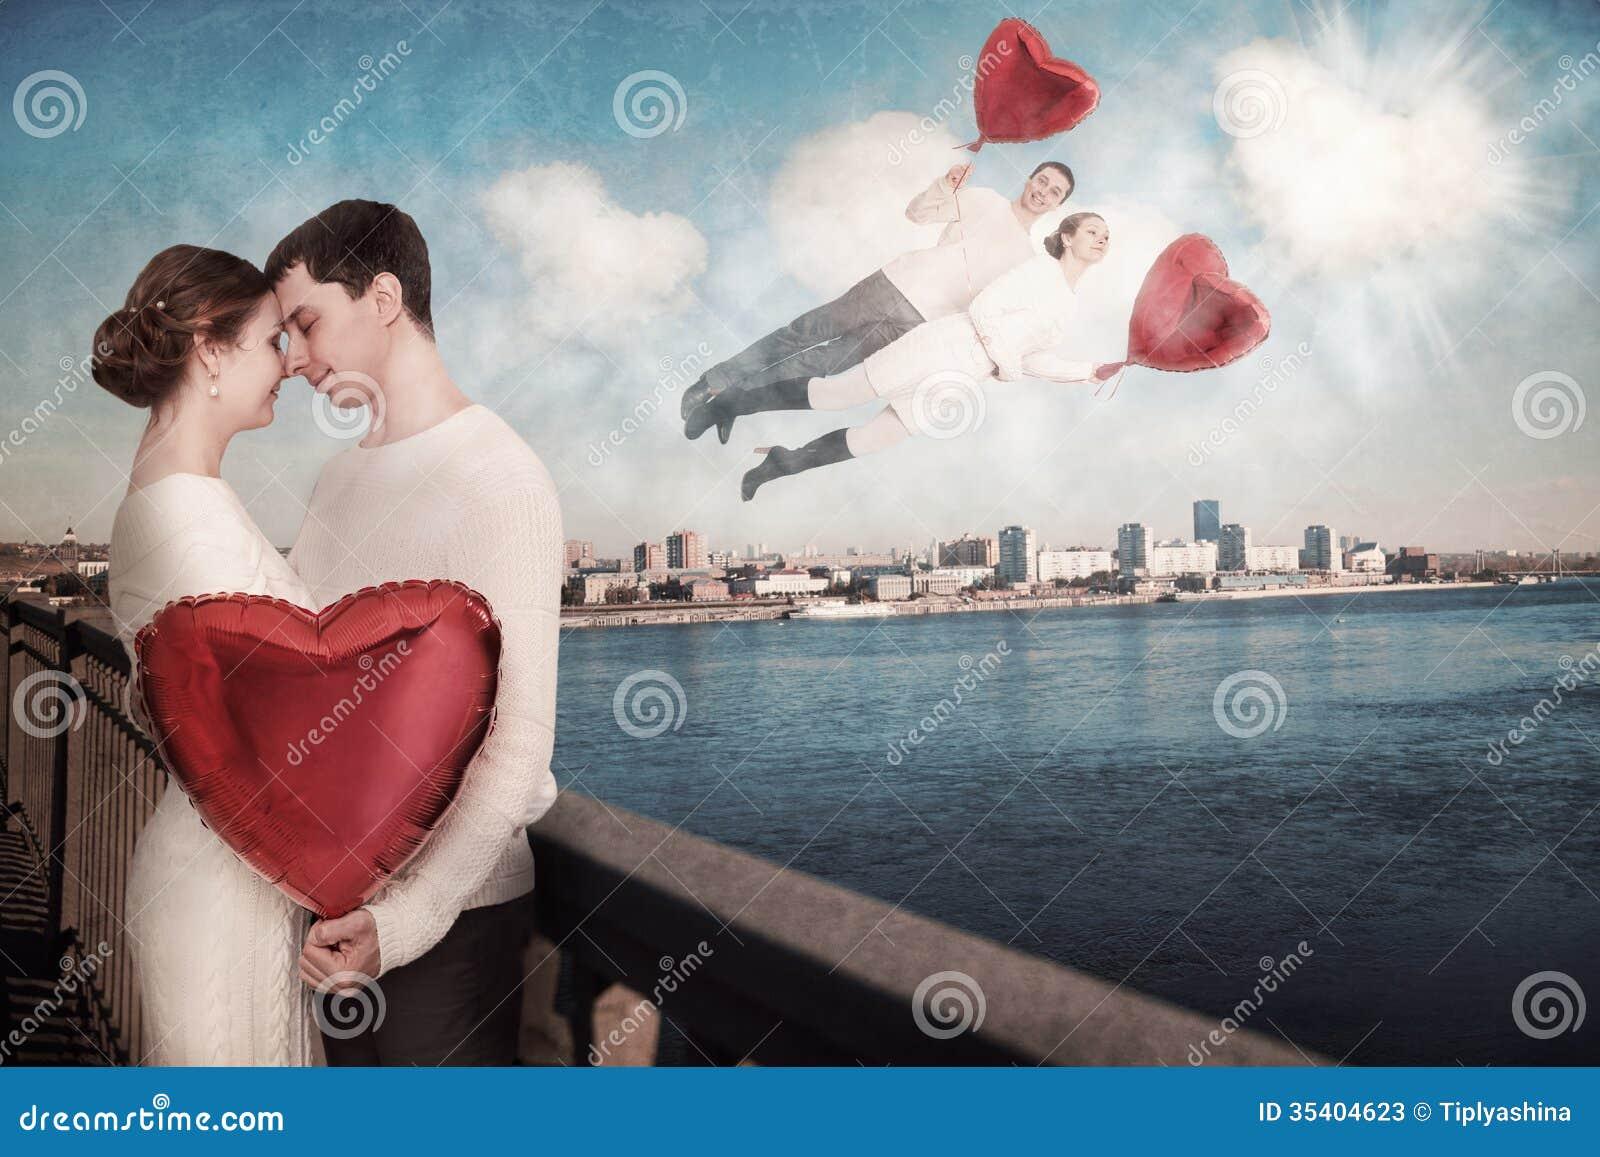 Simplement amour, sentimental et naïf